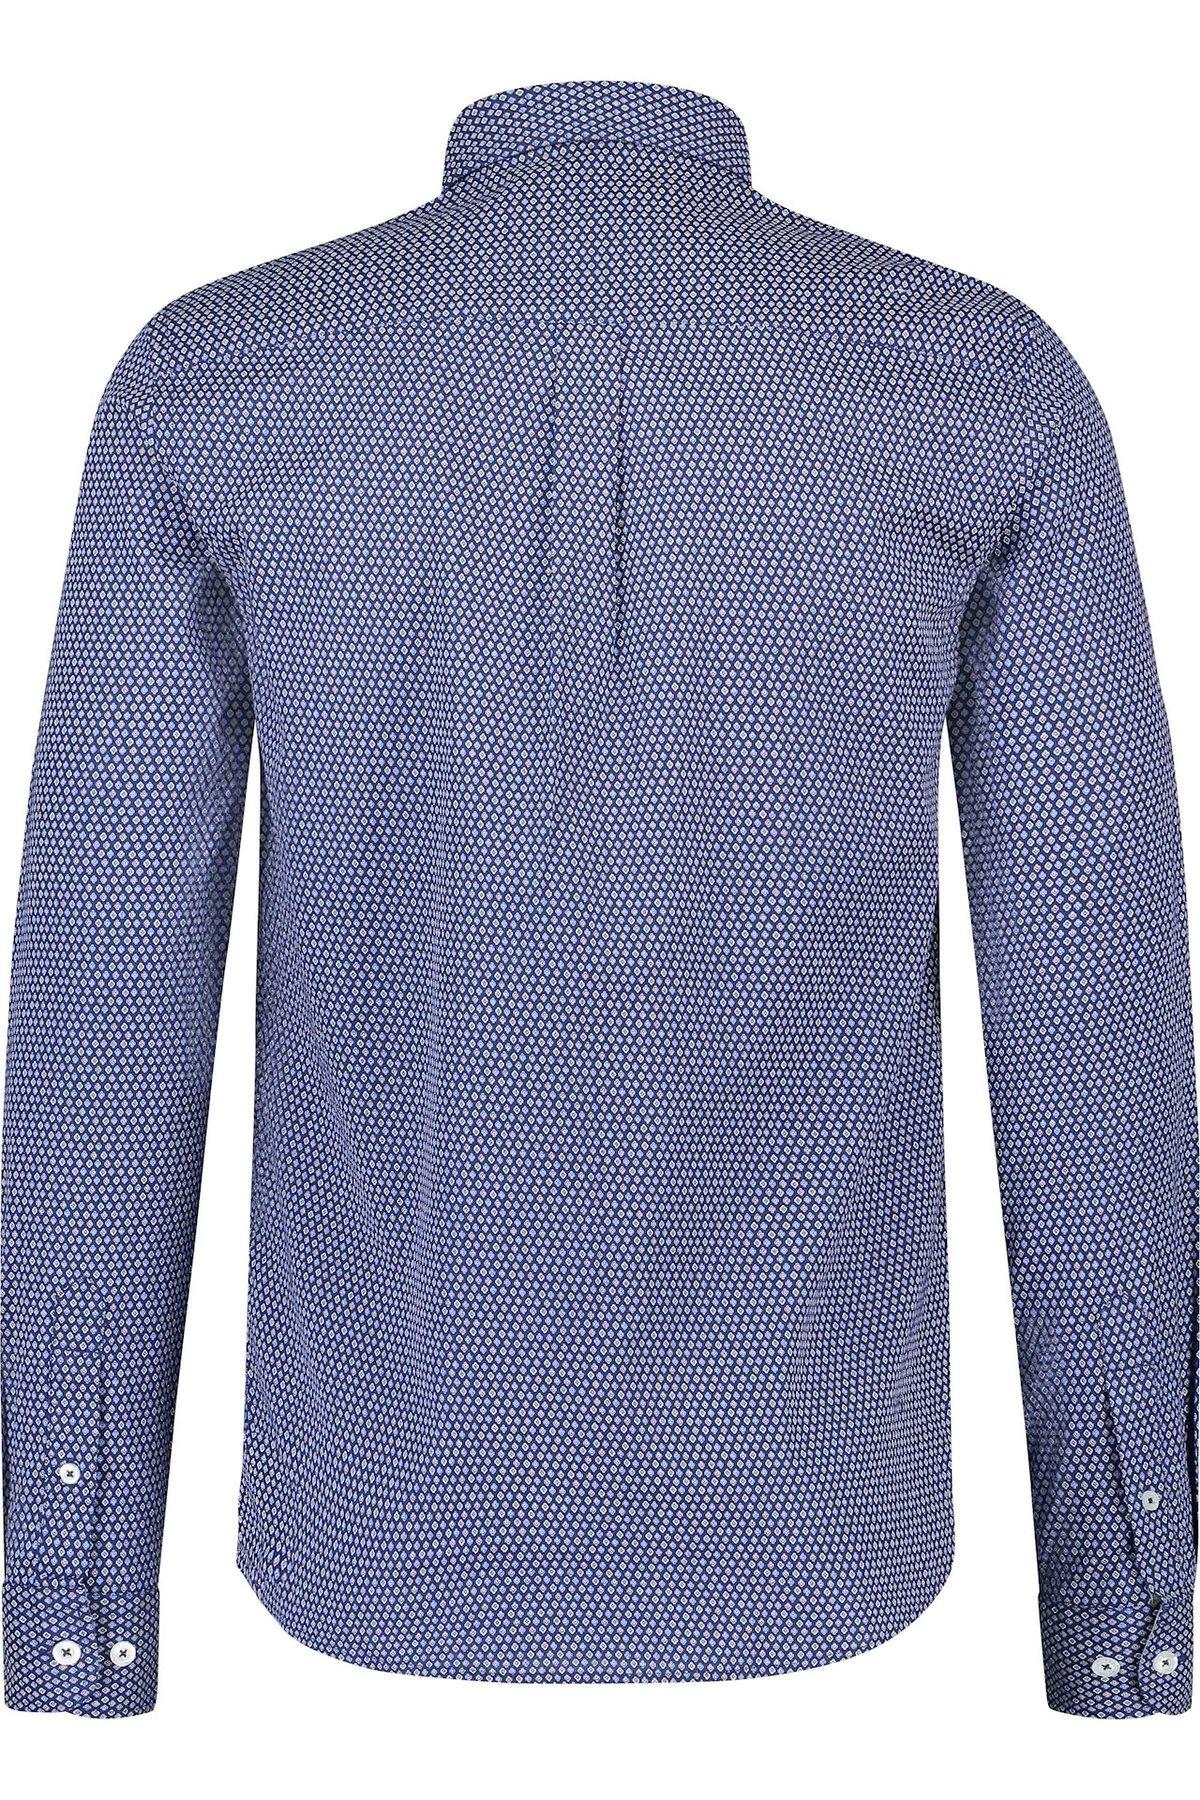 HAZE & FINN chemise extensible à carreaux français, coupe régulière-2